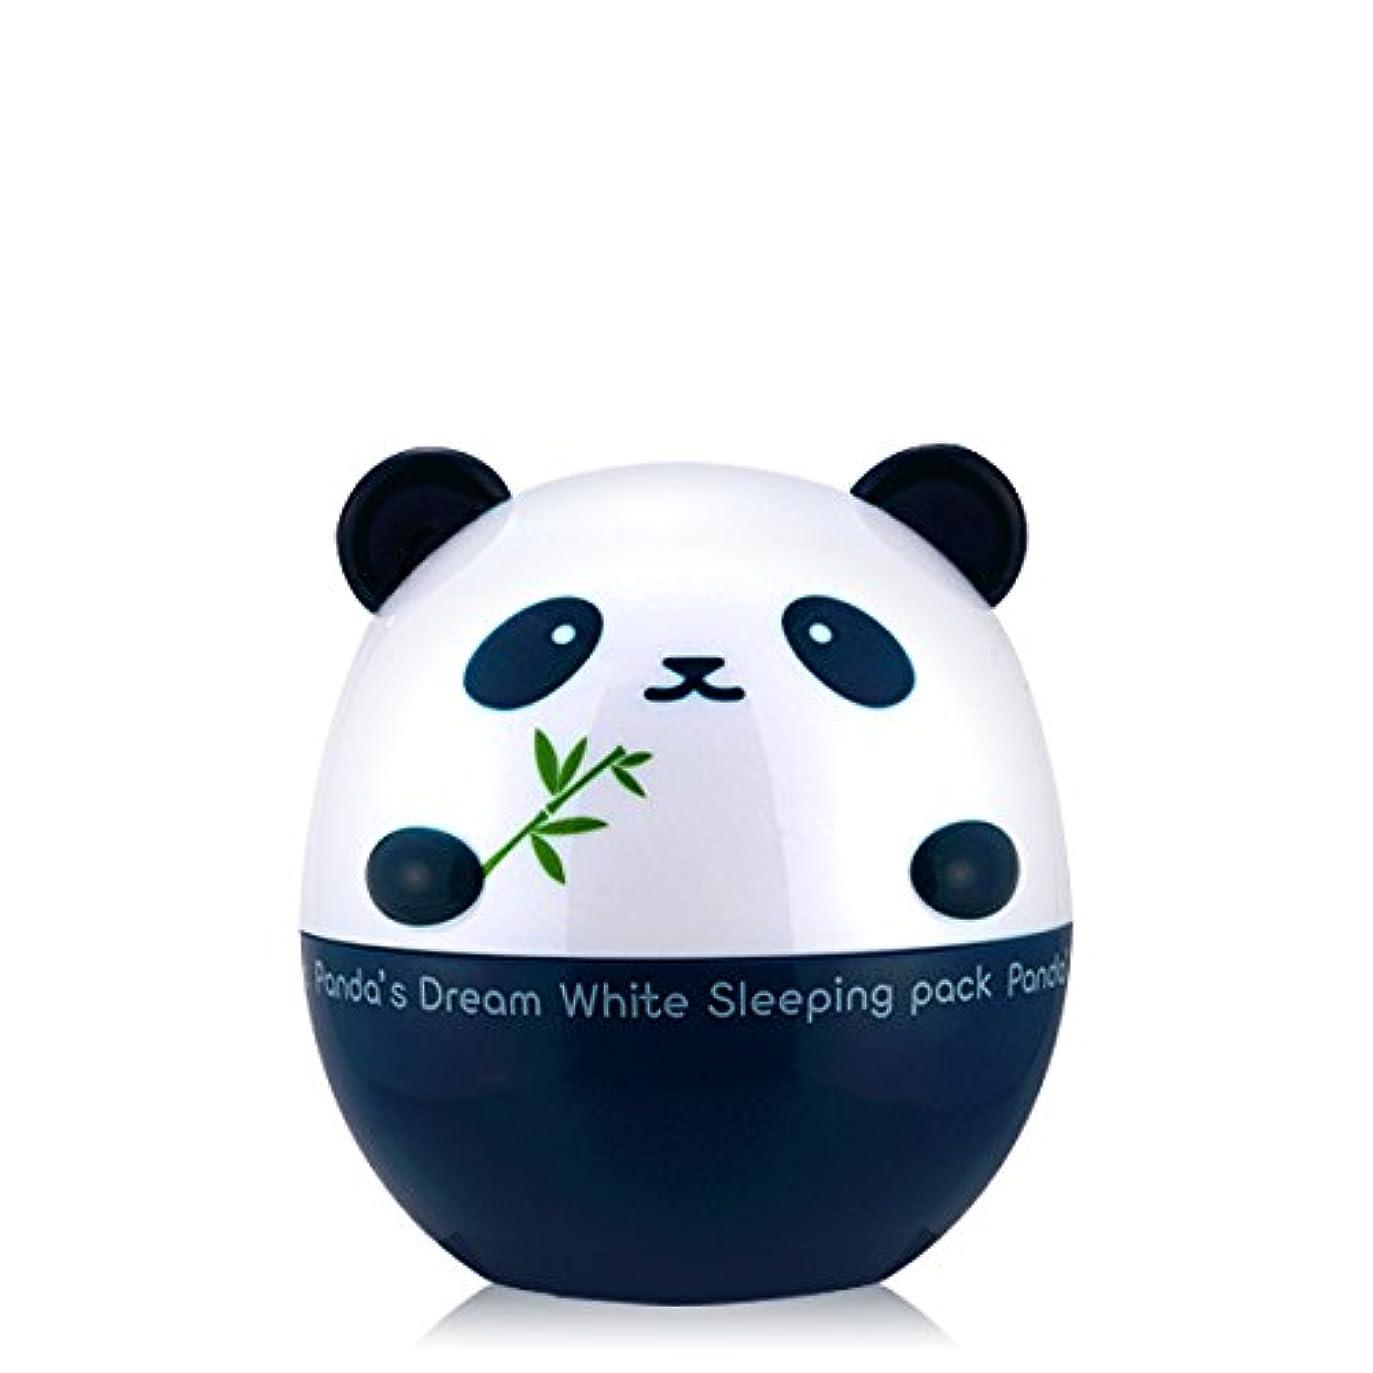 アルミニウム割るコンテンポラリー[1+1] TONY MOLY Panda's Dream White Sleeping Pack 50g / トニーモリーパンダーズドリームホワイトスリーピングパック50g / 1.76oz [並行輸入品]